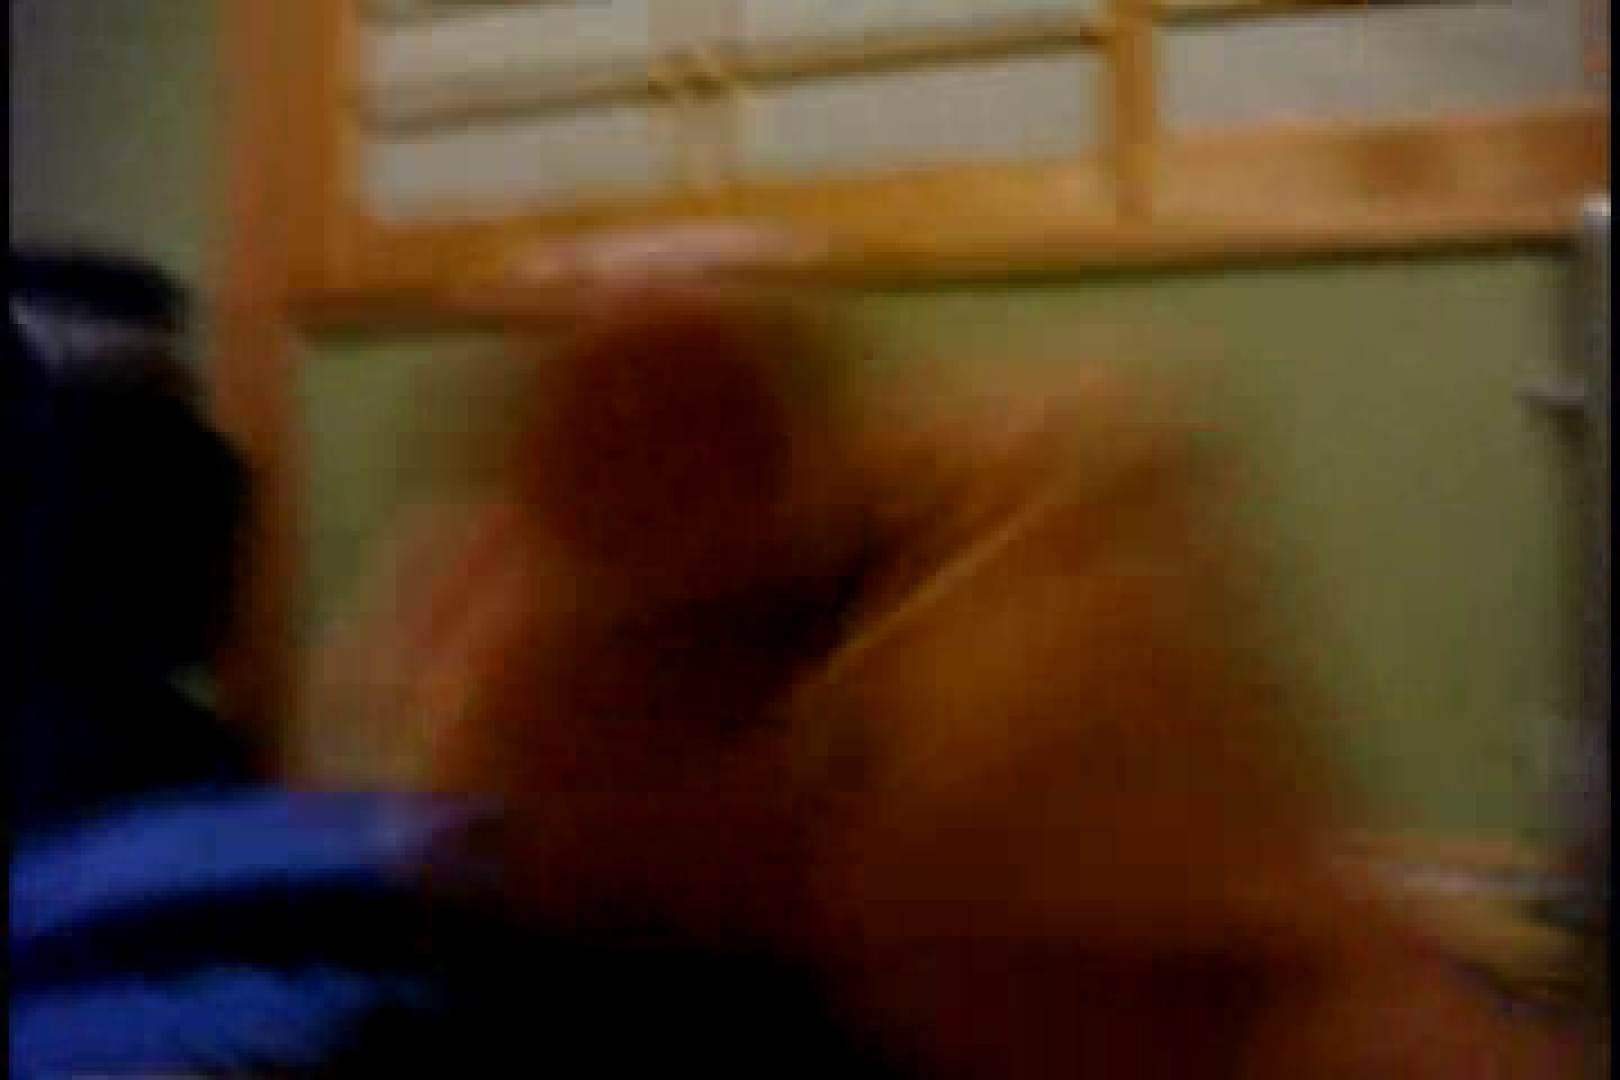 オナ好きノンケテニス部員の自画撮り投稿vol.02 流出  104pic 47